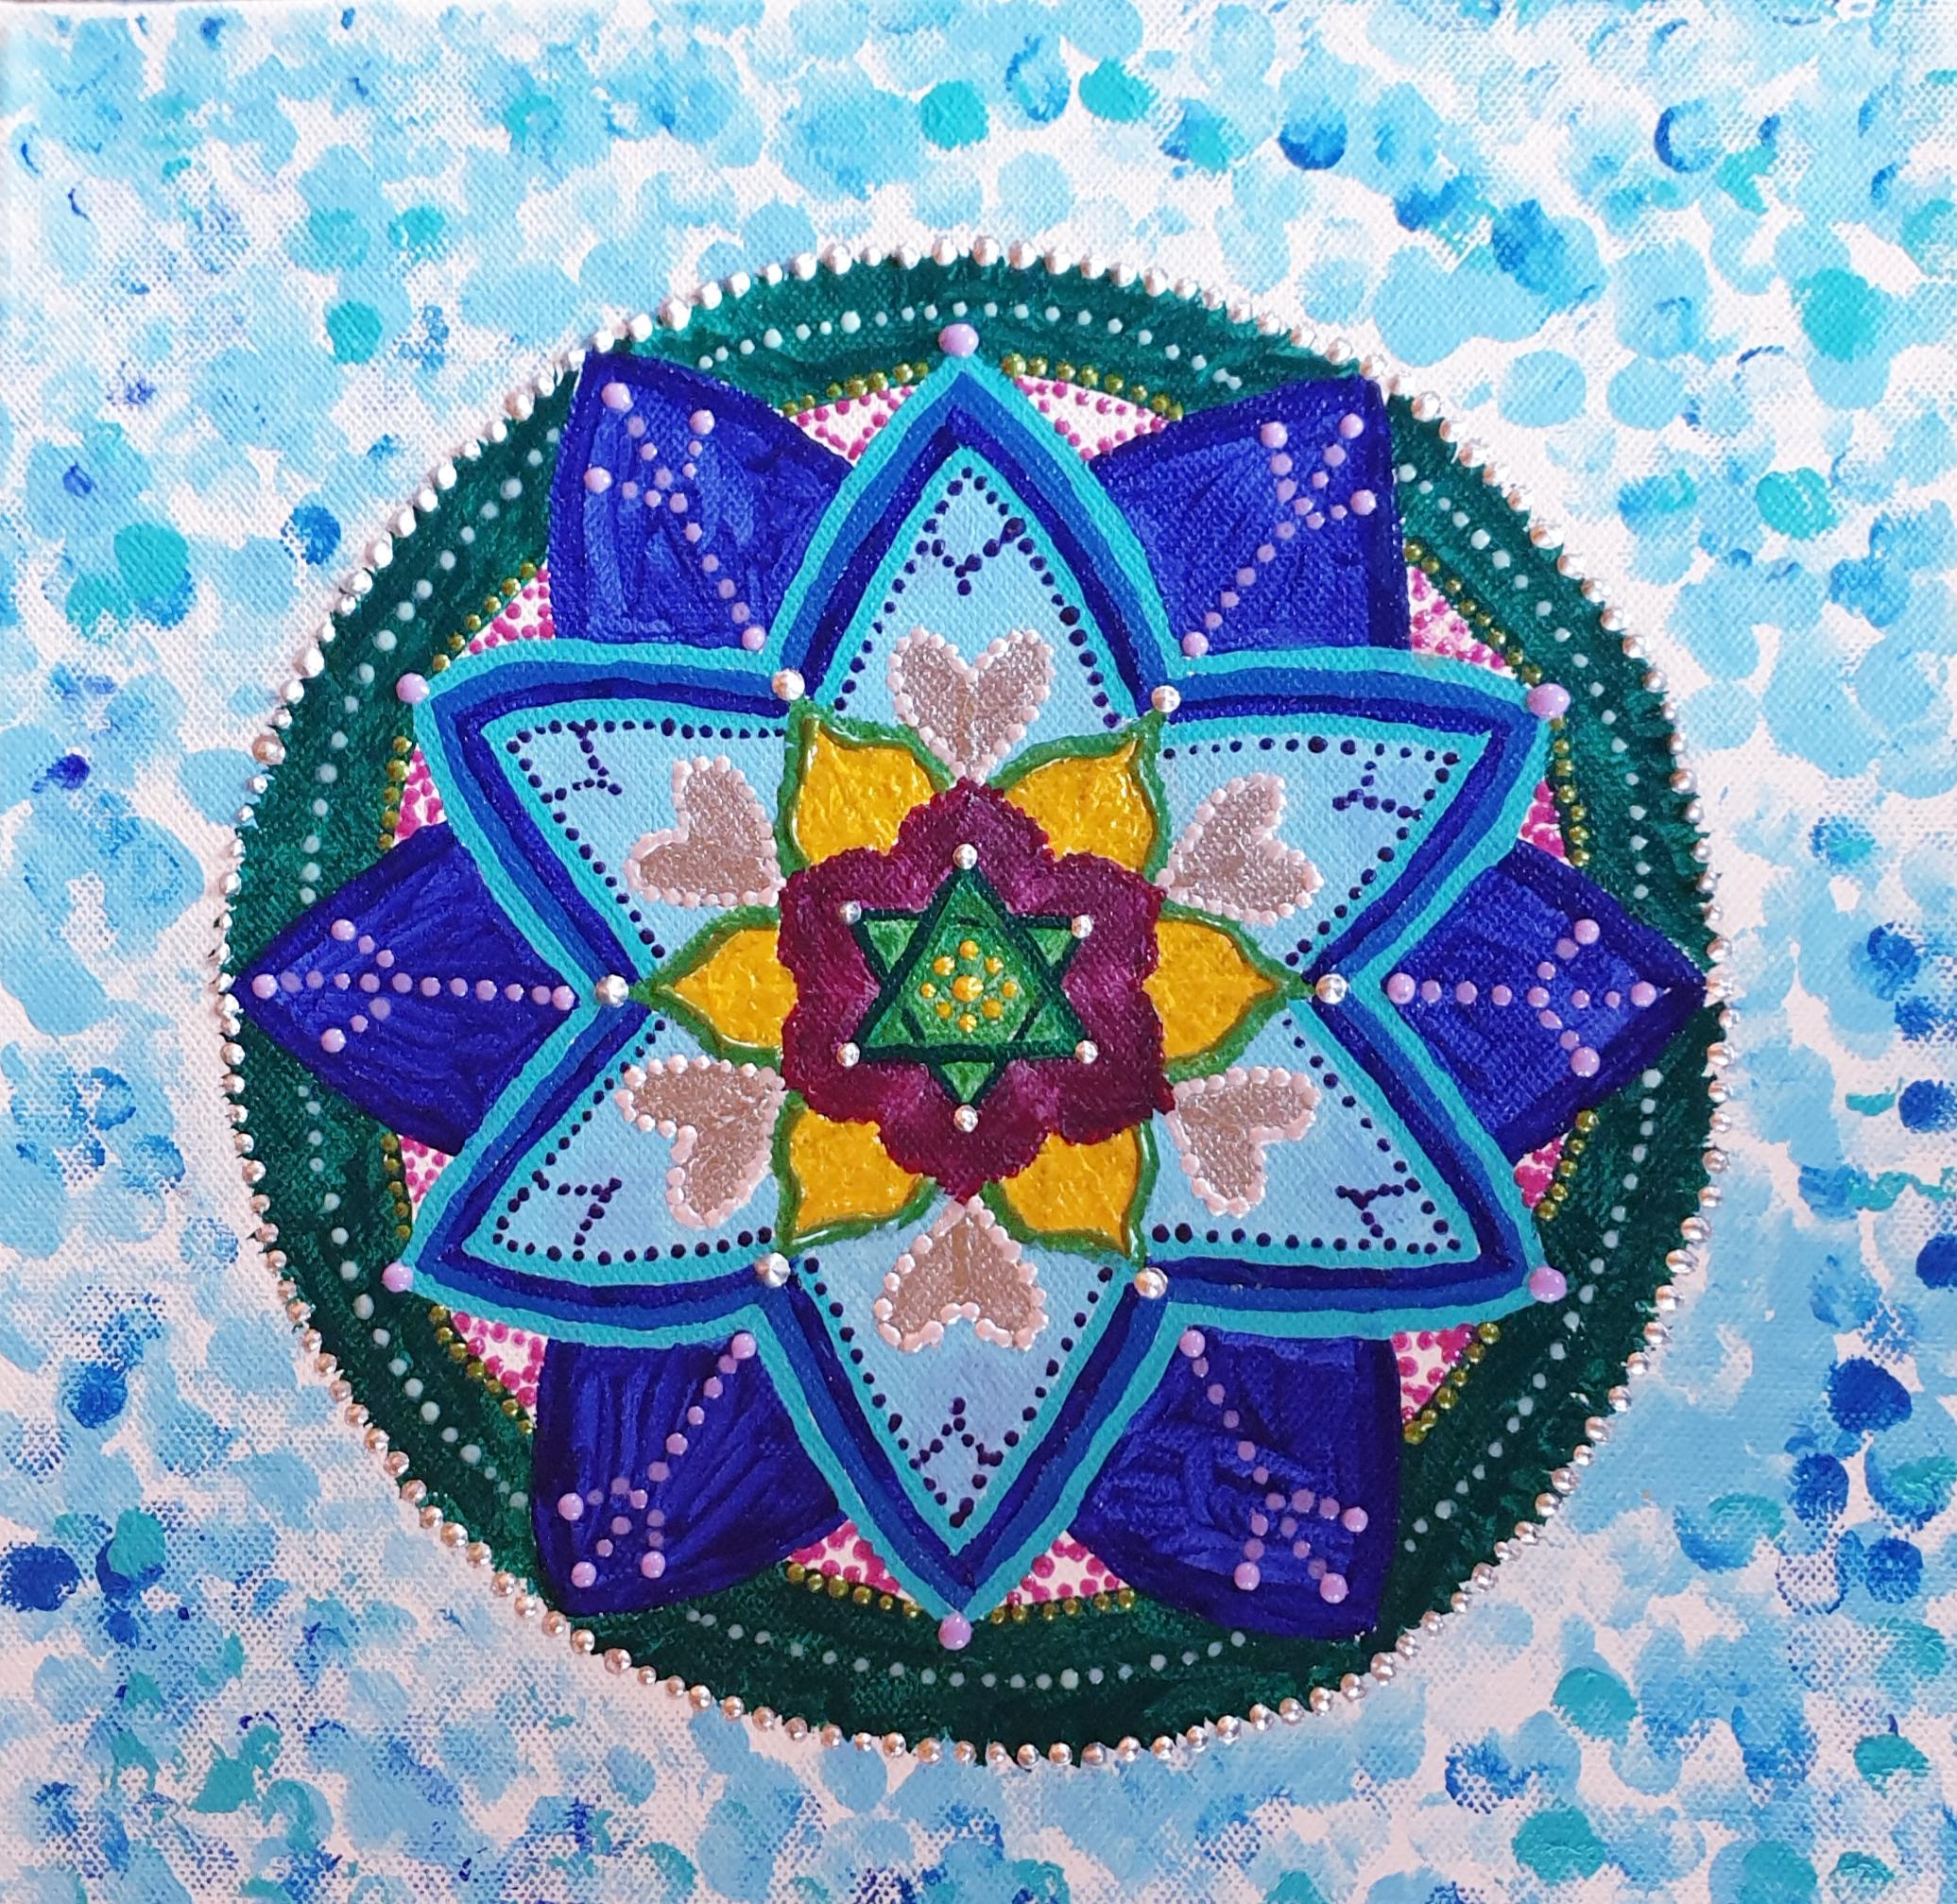 """Obraz akryl 30cm x 30cm pt. """"Mandala"""" (2019)"""